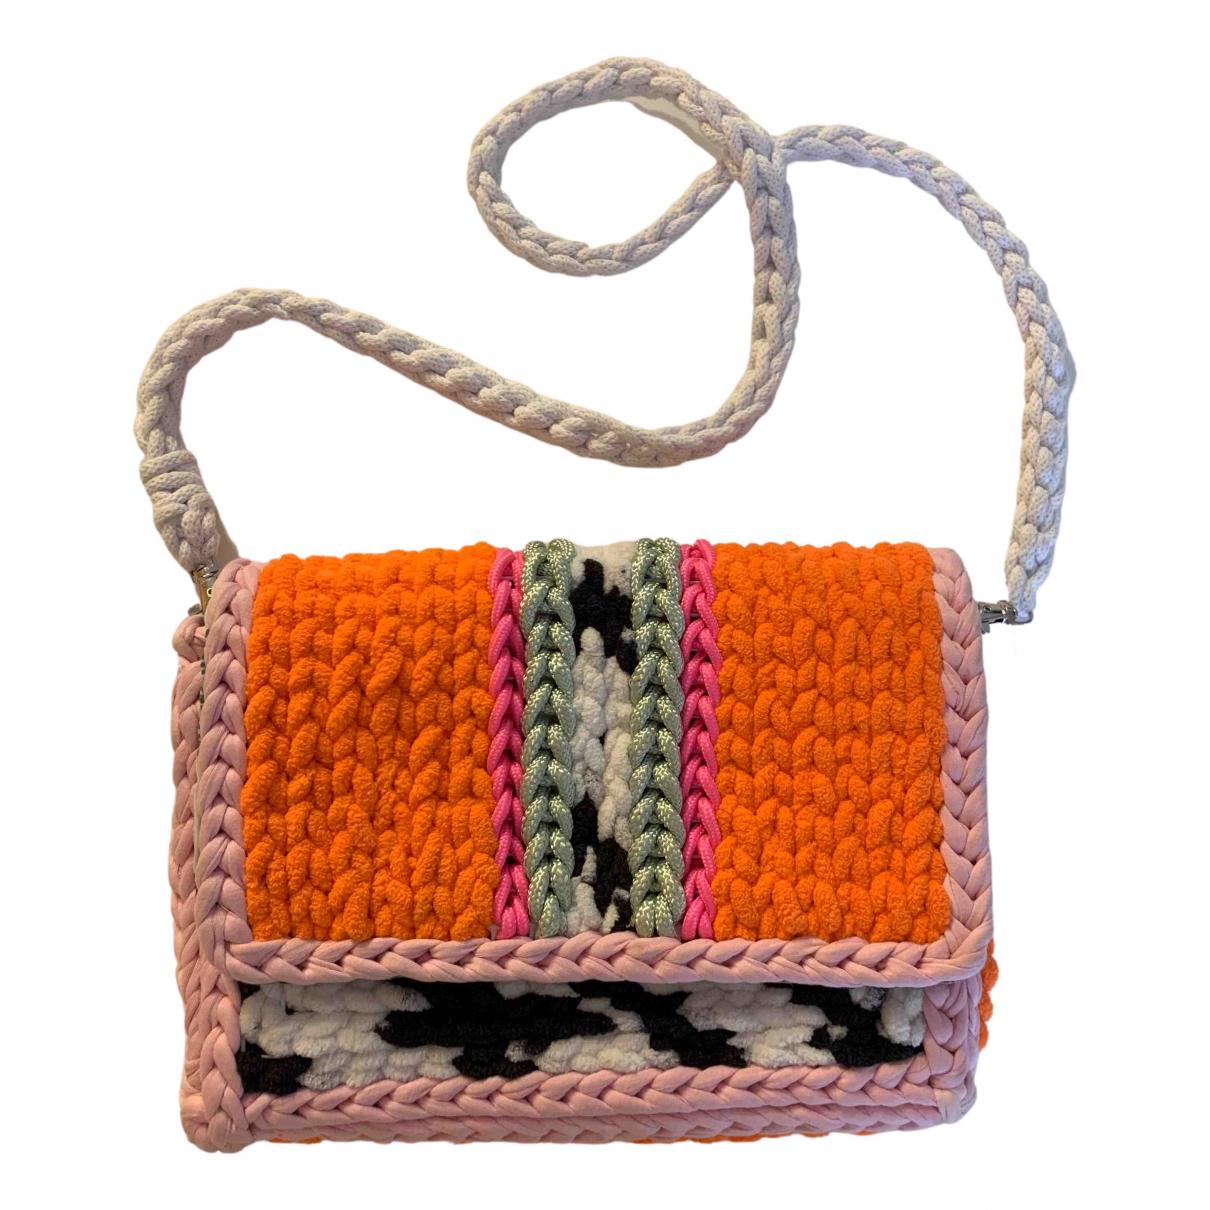 - Sac a main Crochet pour femme en coton - multicolore